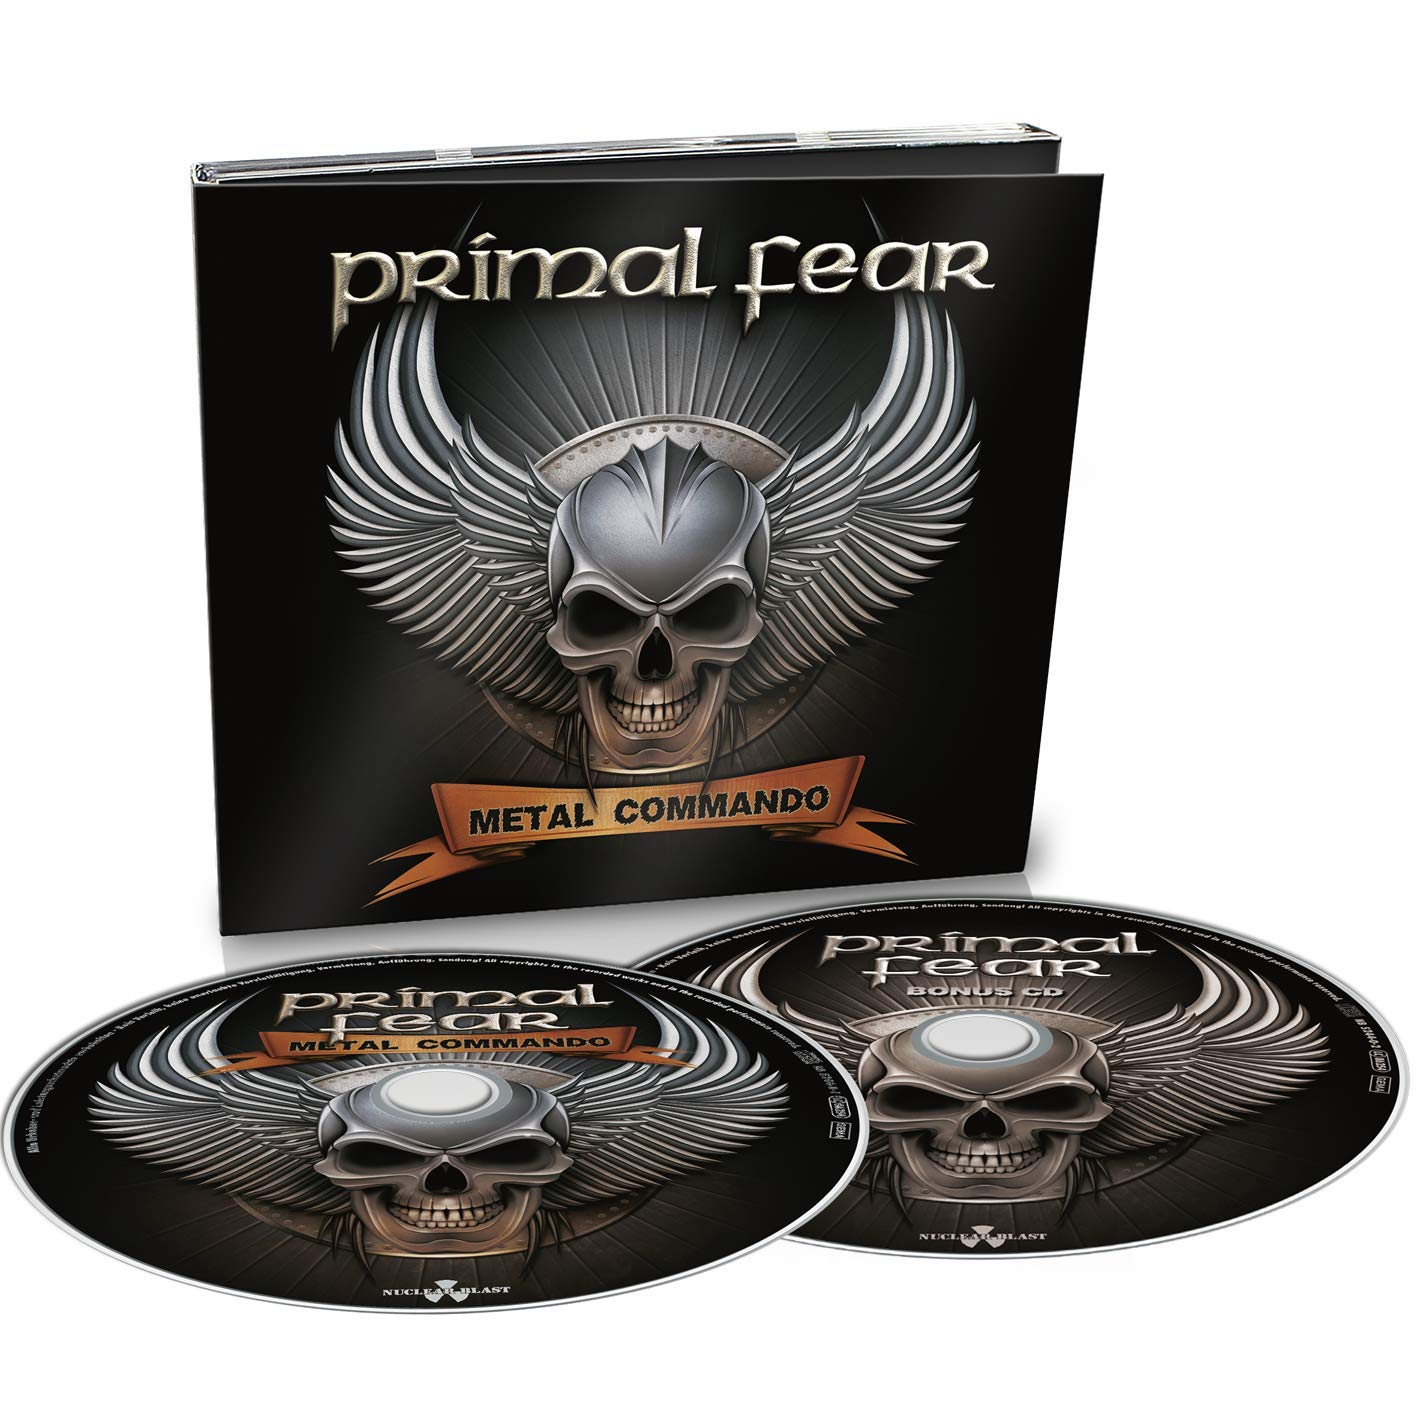 Primal Fear - Metal Commando (2 Cd)